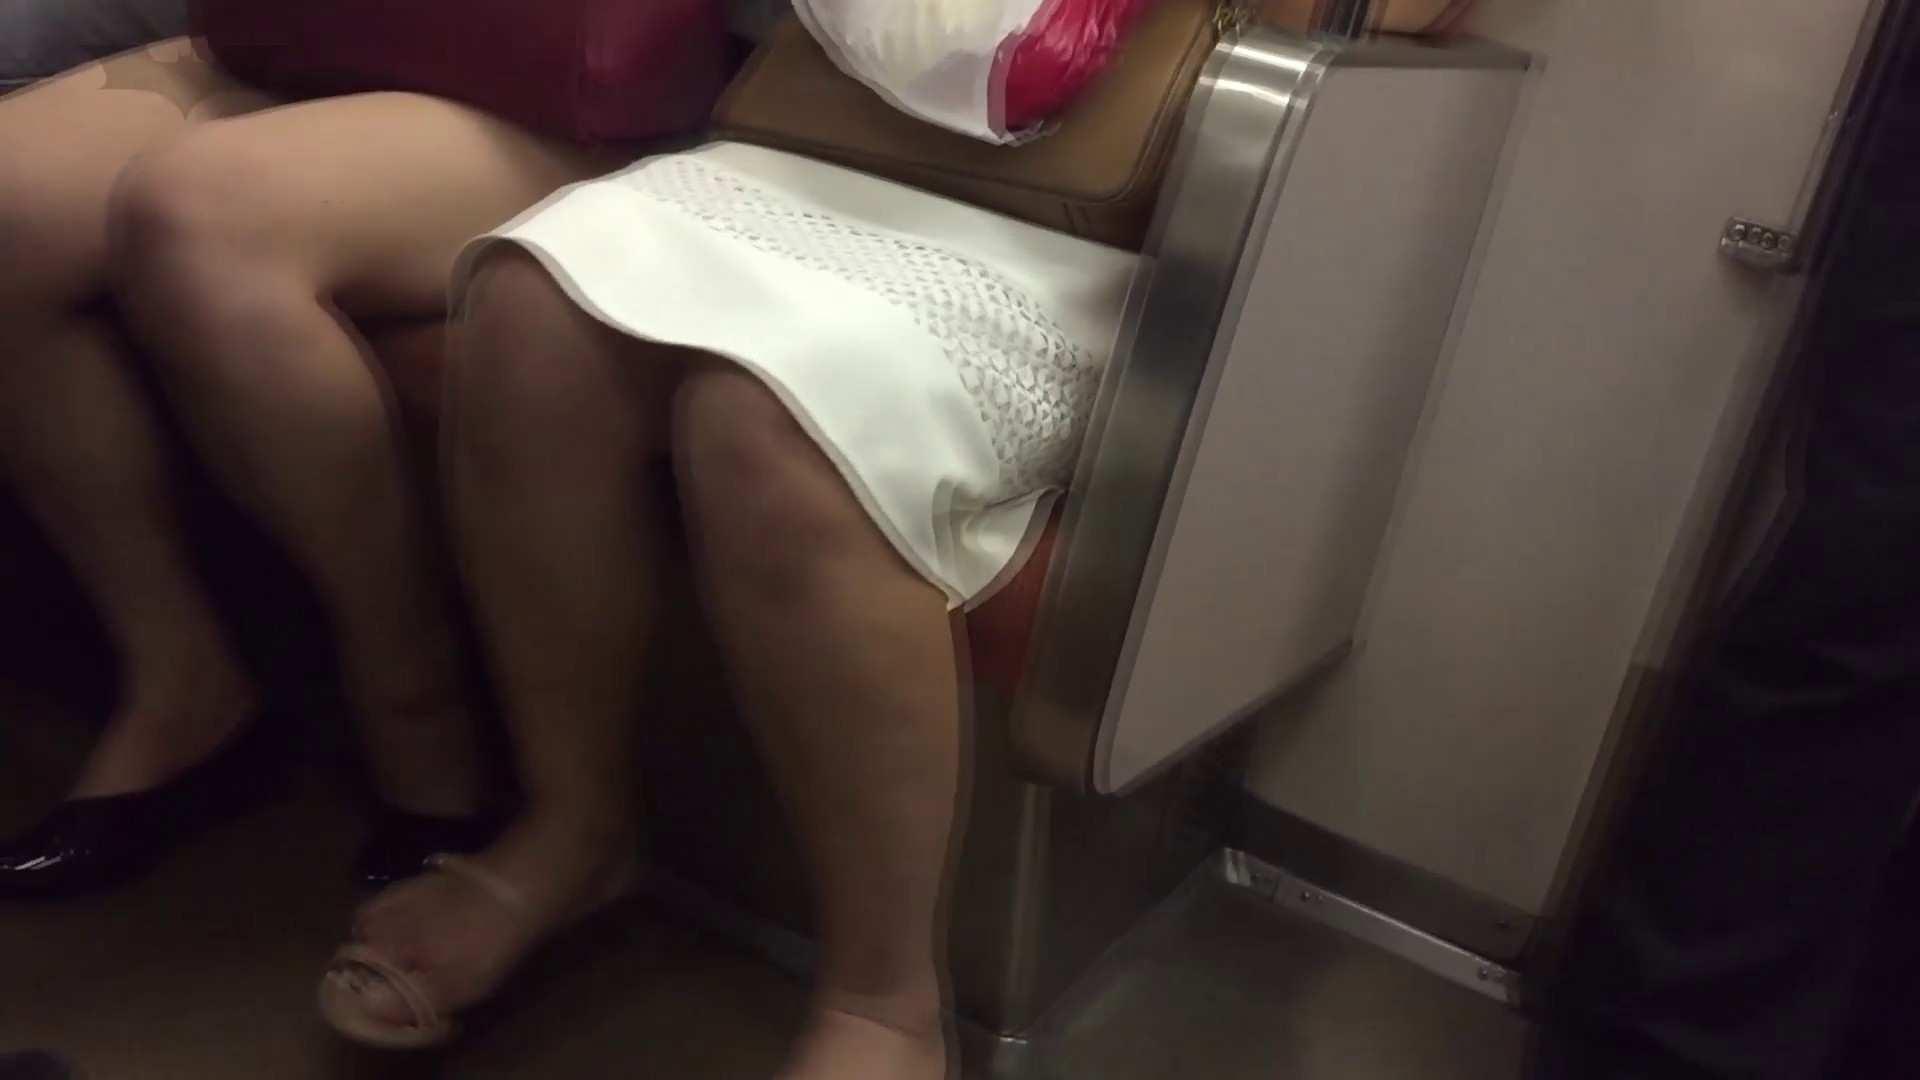 盗撮列車 vol.07 白スカートの中は爽やかな… 女体盗撮 盗撮ワレメ無修正動画無料 66連発 8